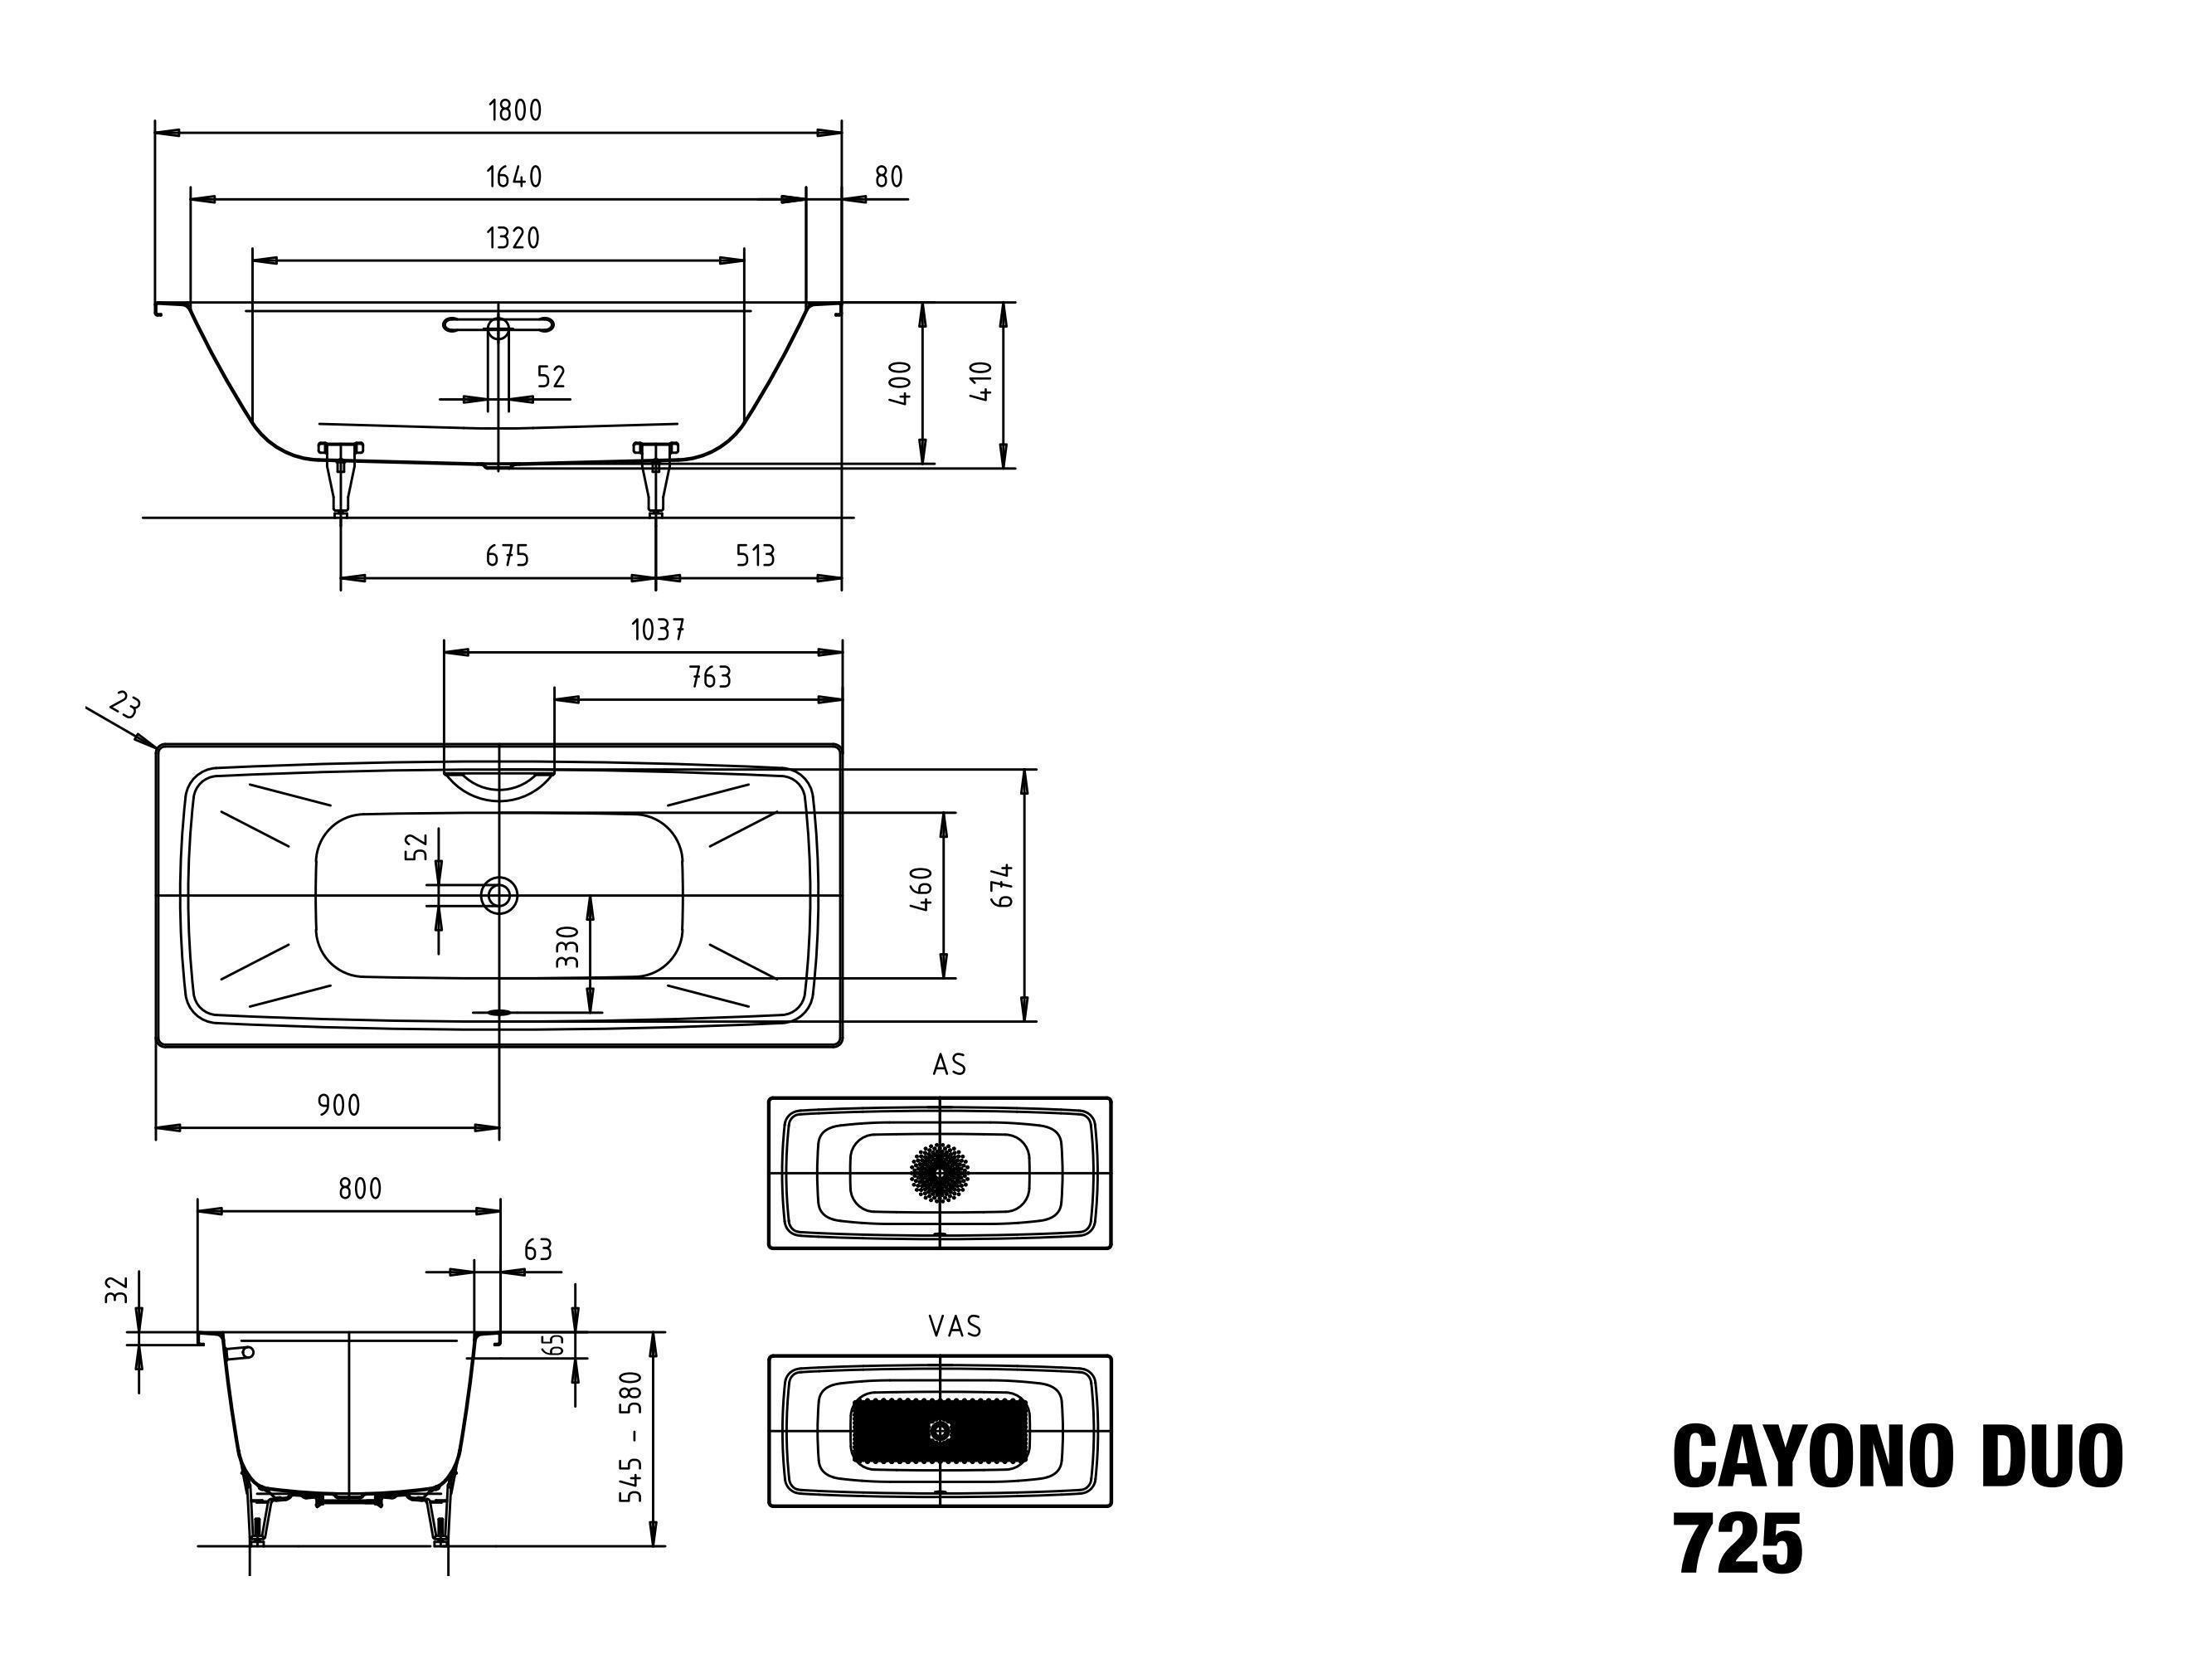 Kaldewei Cayono Duo 1800 X 800 X 400 Bathe